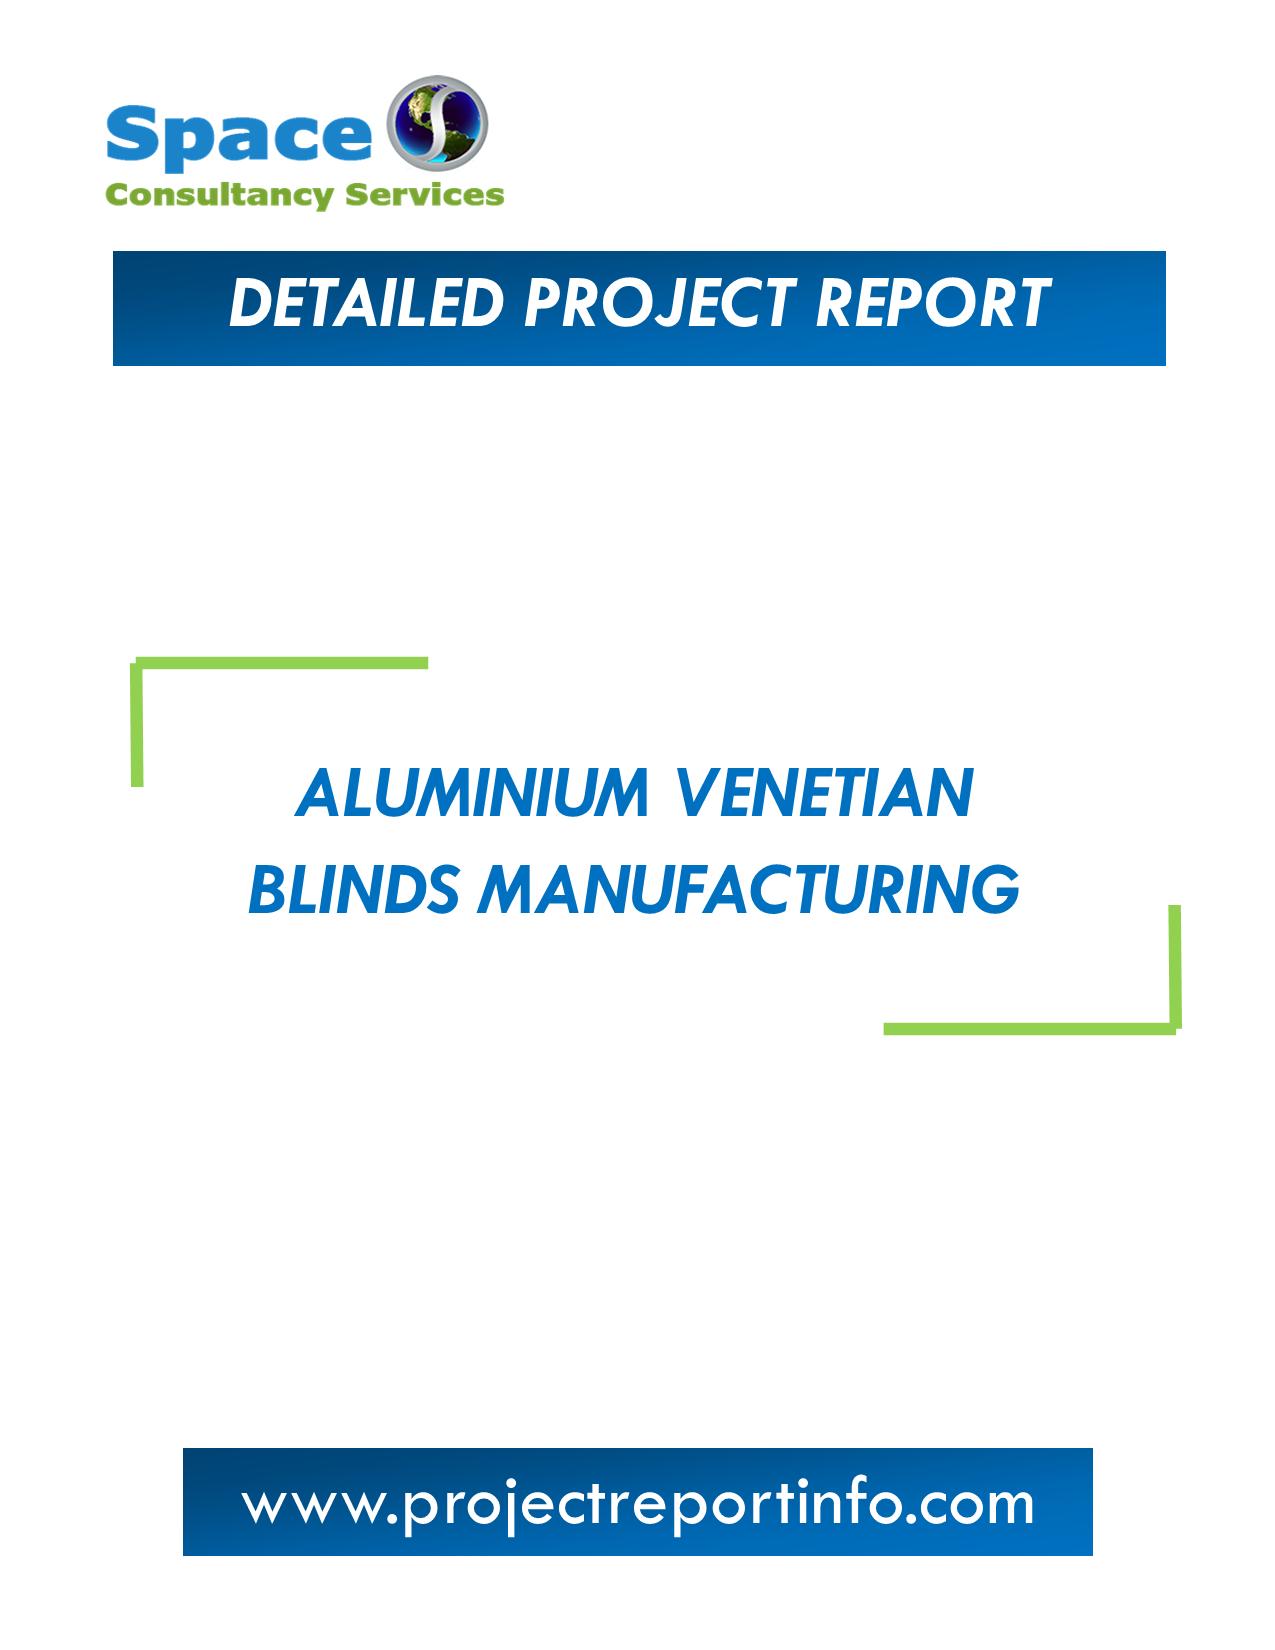 Project Report on Aluminium Venetian blinds